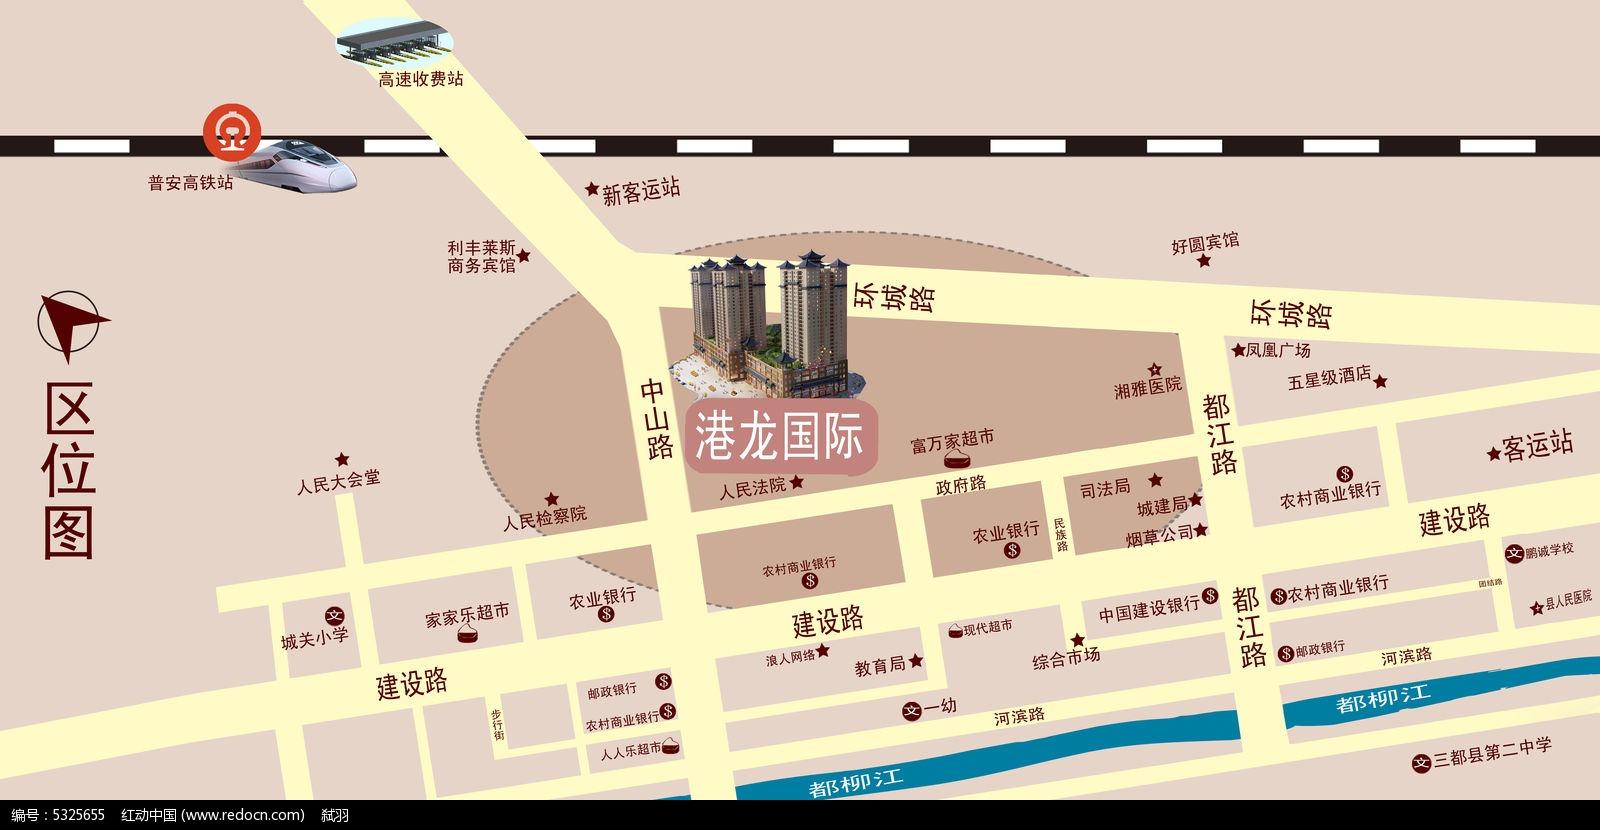 区位图psd素材下载_地图设计图片